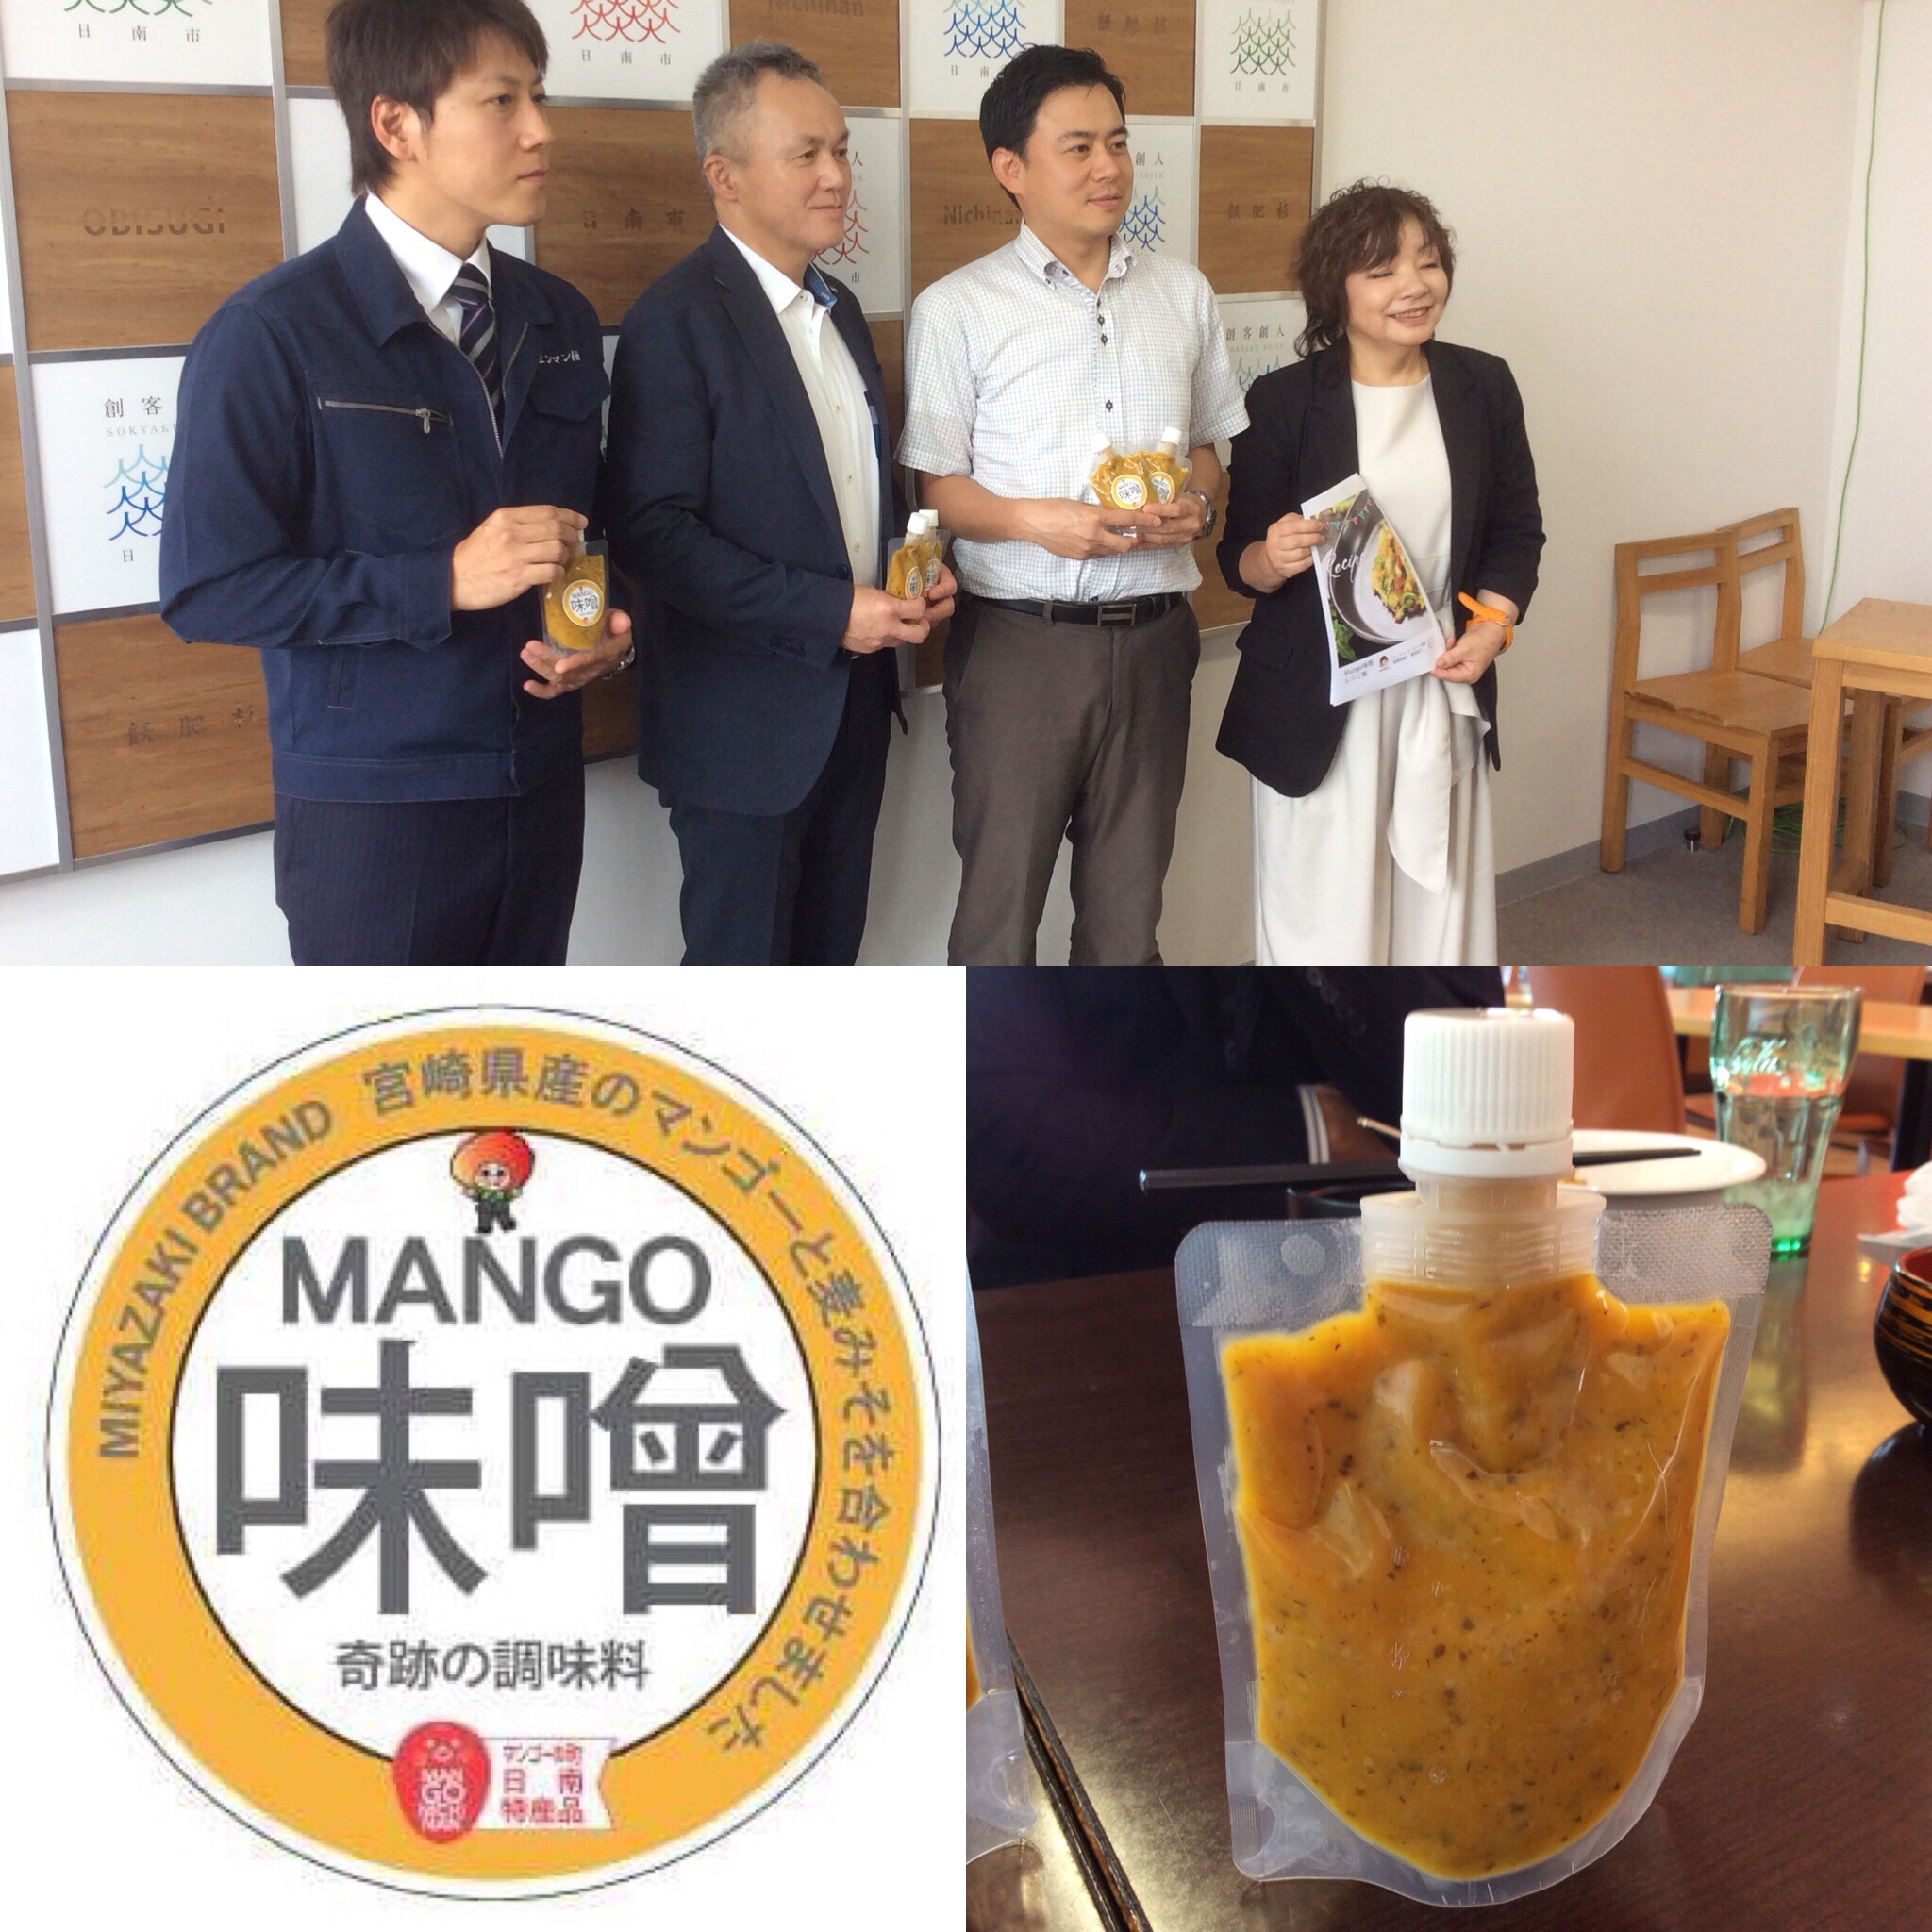 マンゴー味噌新聞へ掲載